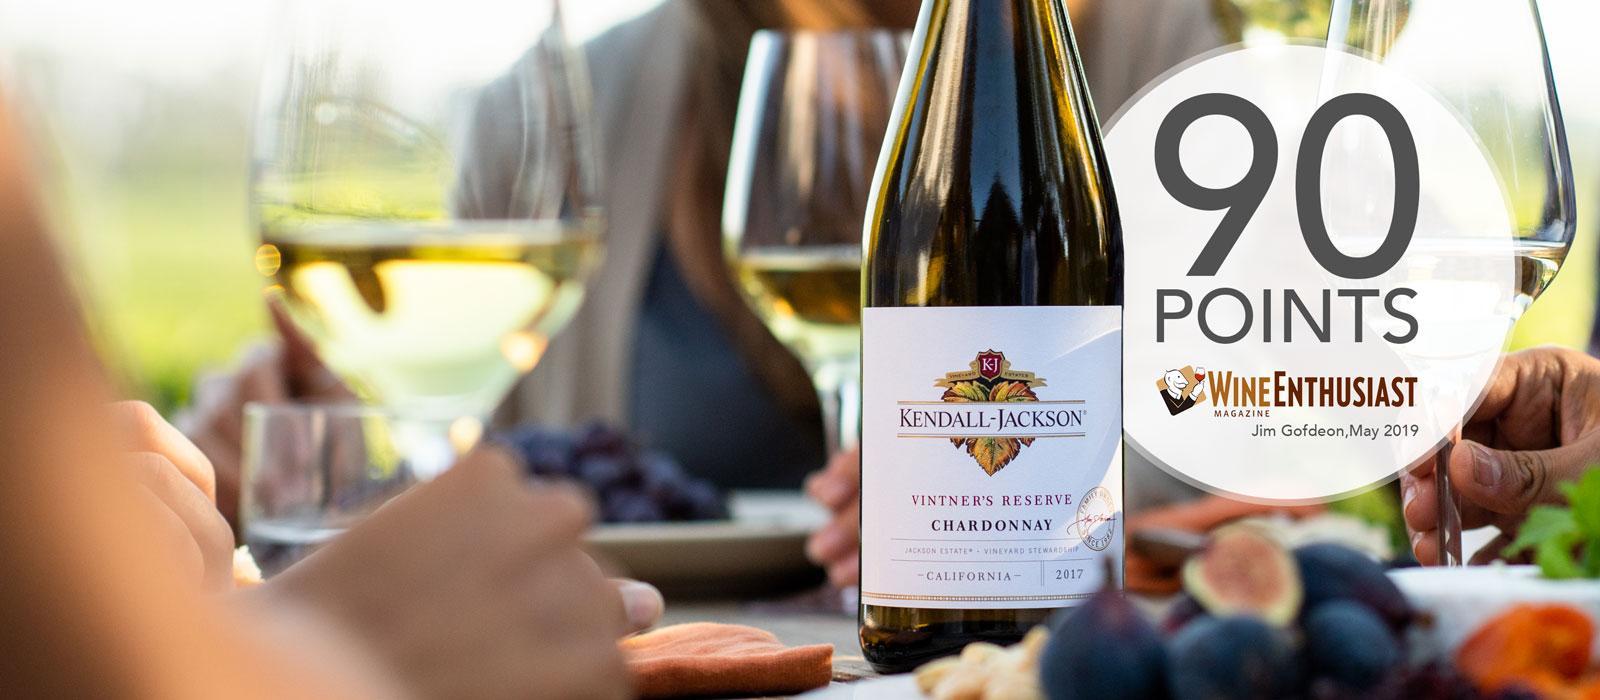 Kendall-Jackson Vintner's Reserve Chardonnay - 2017 Vintage